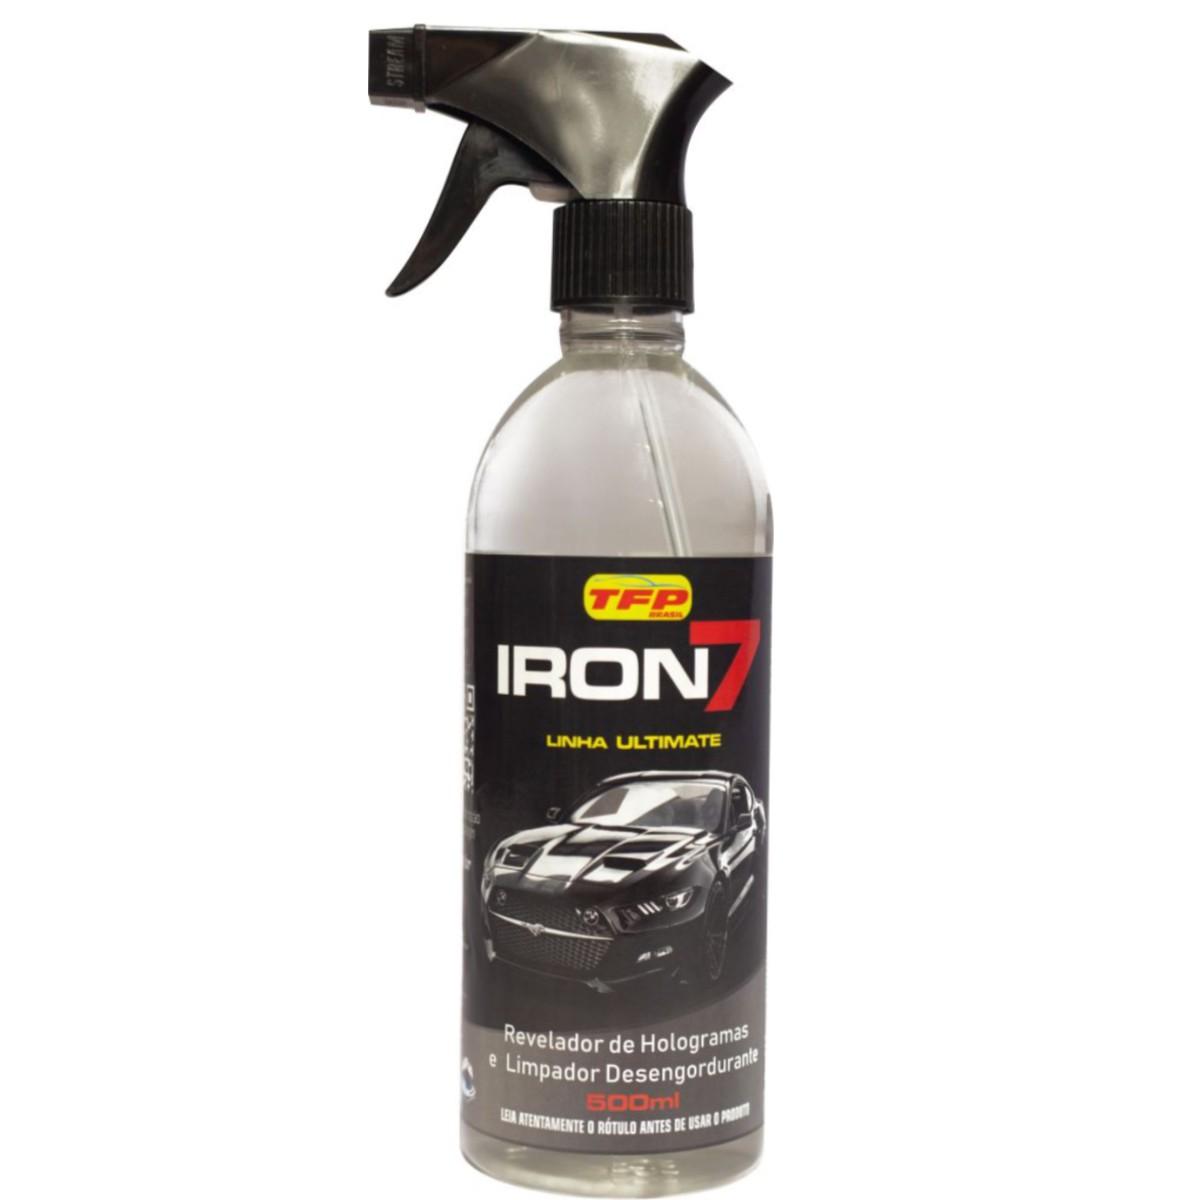 Vitrificador Automotivo de Pintura 30 ml+ Iron7 Revelador Holograma